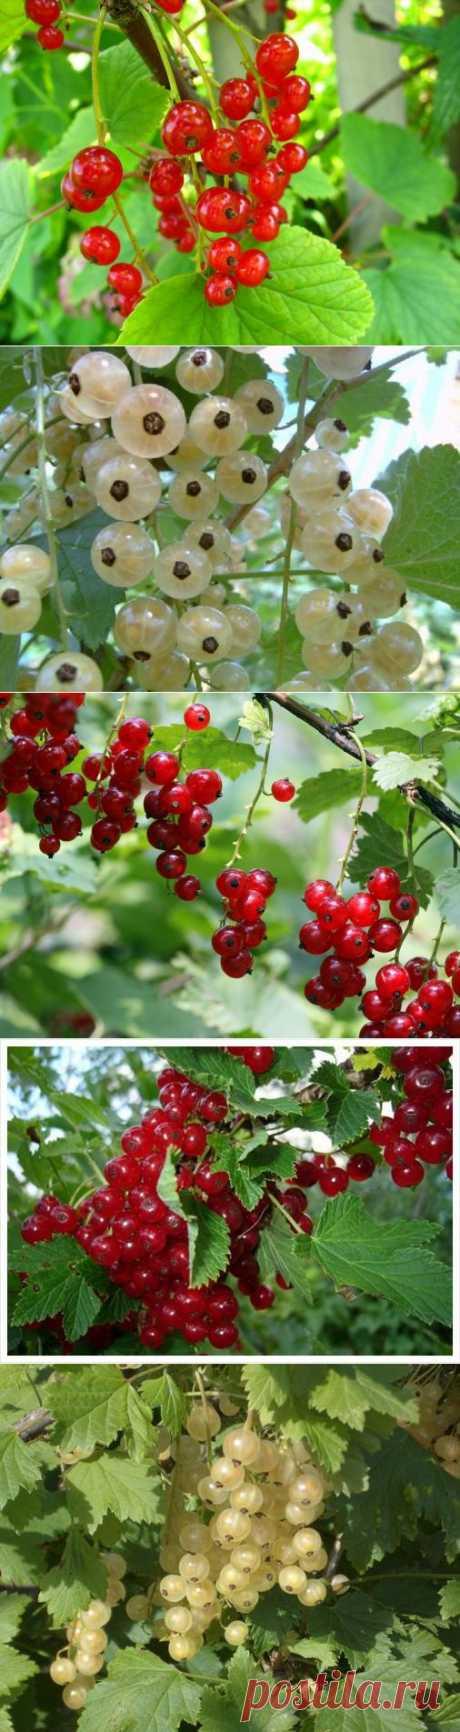 красная и белая: особенности выращивания и ухода, сорта | Самоцветик